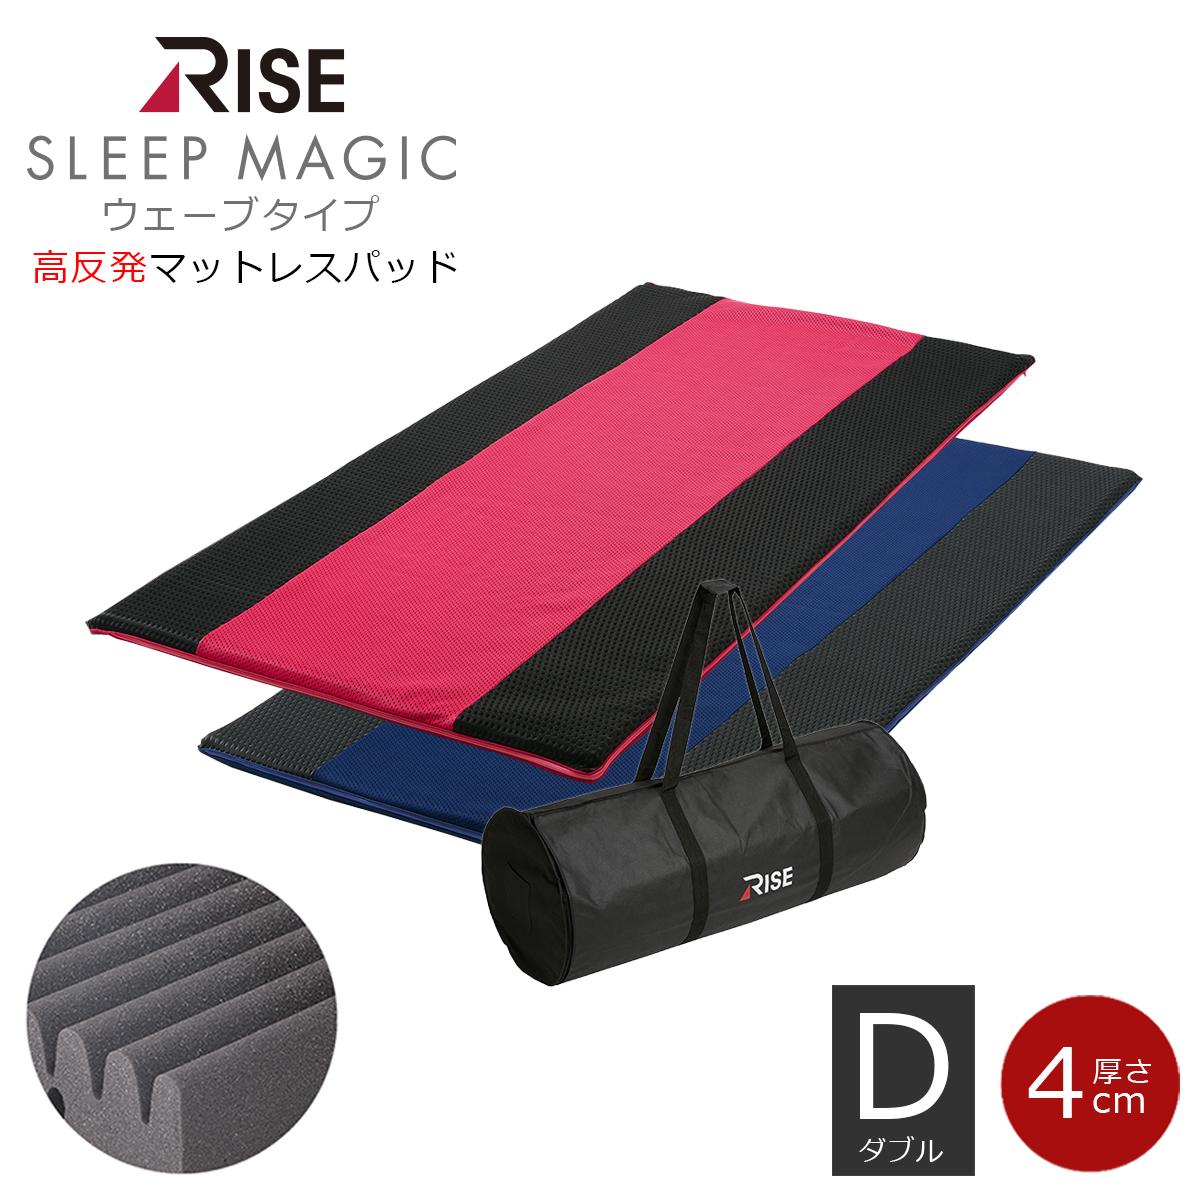 スリープマジック オーバーレイ 高反発マットレスパッド V02 ダブルサイズ ウェーブカット 厚さ4cm ベッドの上に敷くだけで極上の寝心地を実現 寝がえり楽々 ライズTOKYOの高反発マットレス